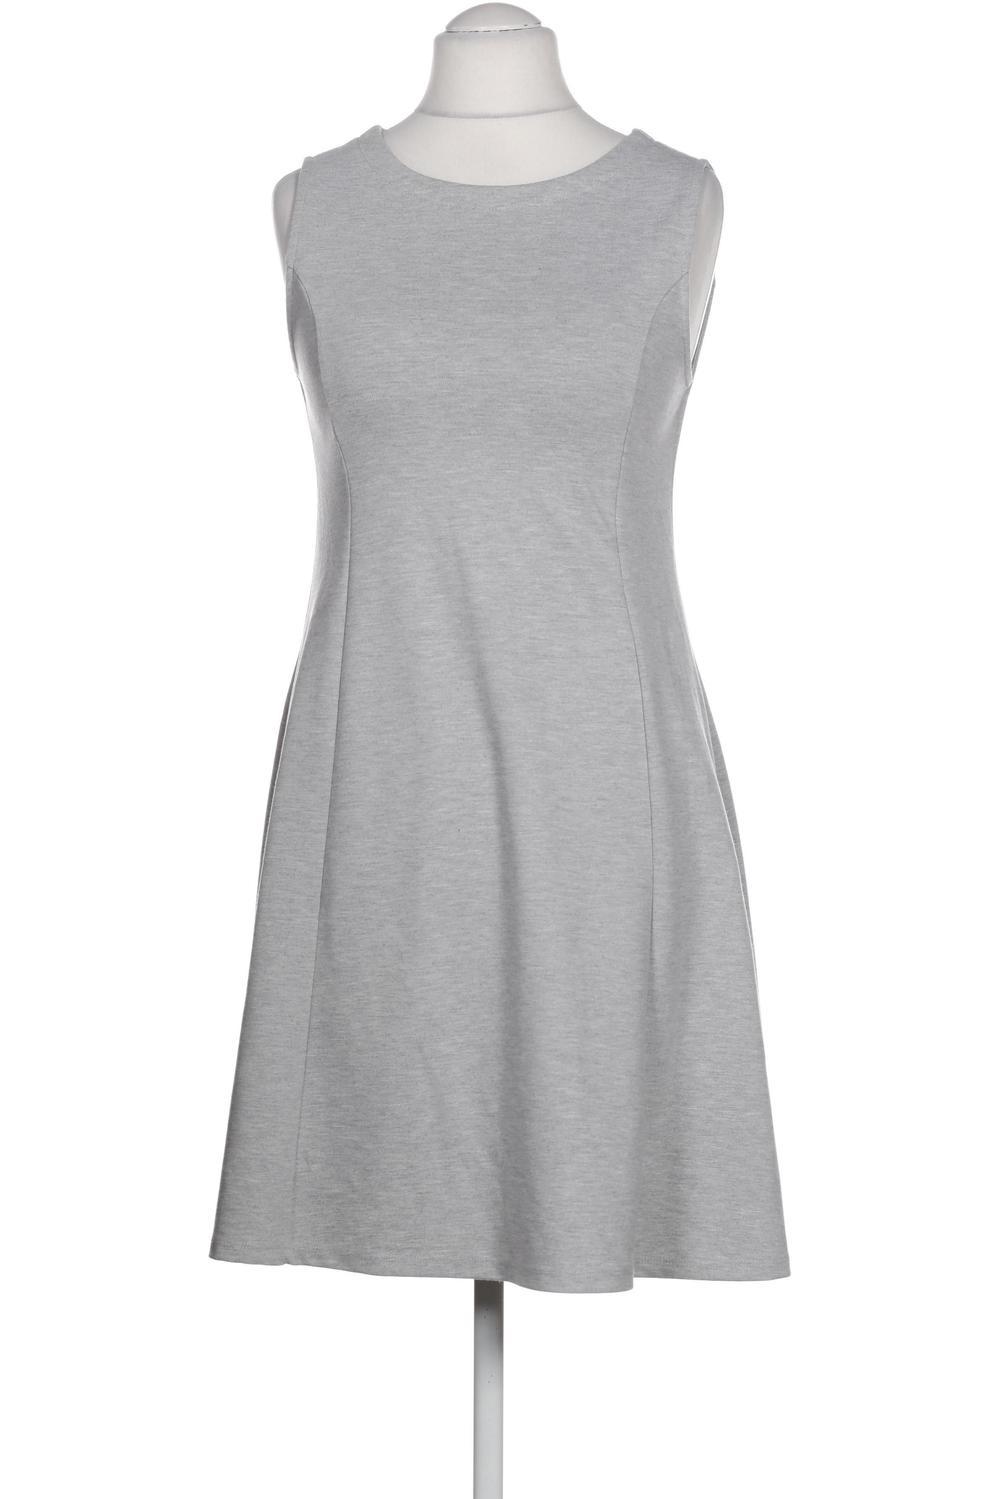 details zu opus kleid damen dress damenkleid gr. de 40 viskose grau #b2a54b0